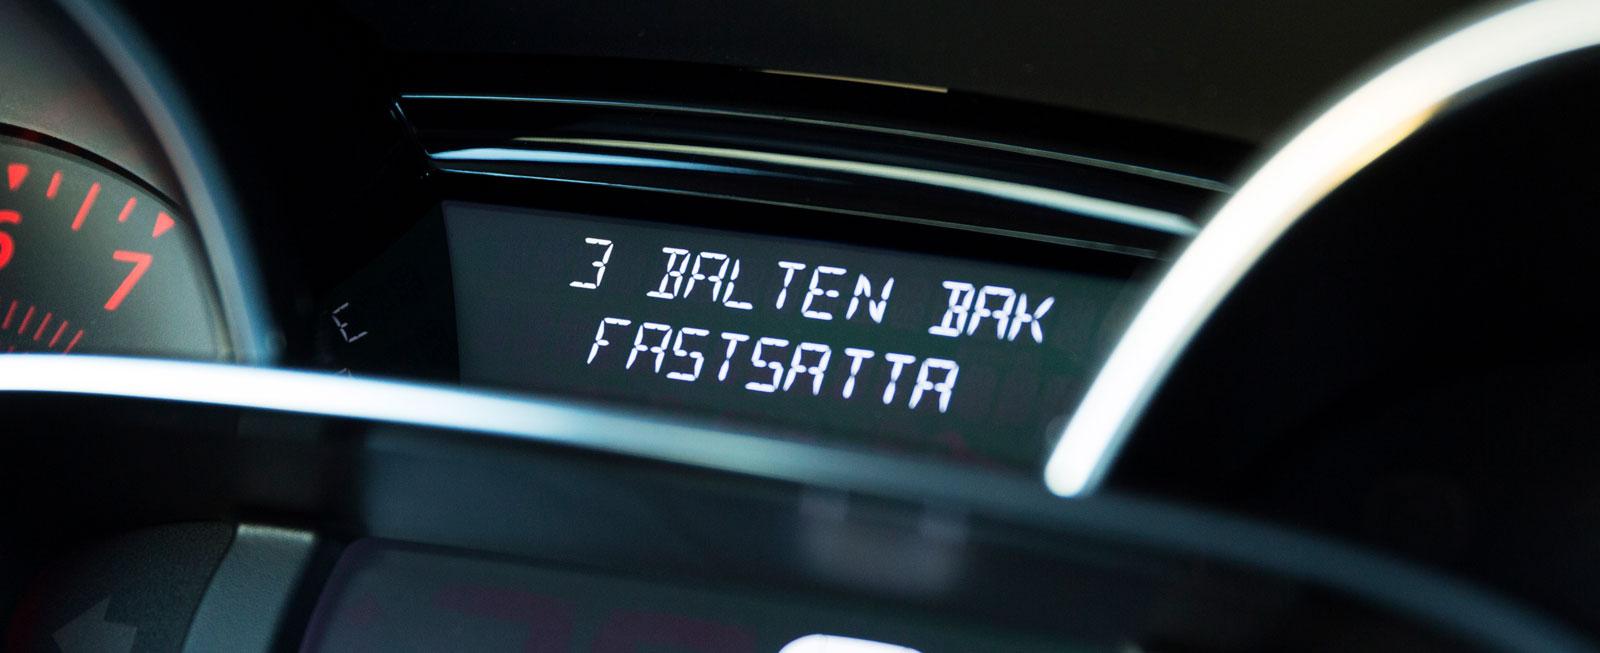 I Renault anges bältesläget i baksätet tydligt framför föraren.